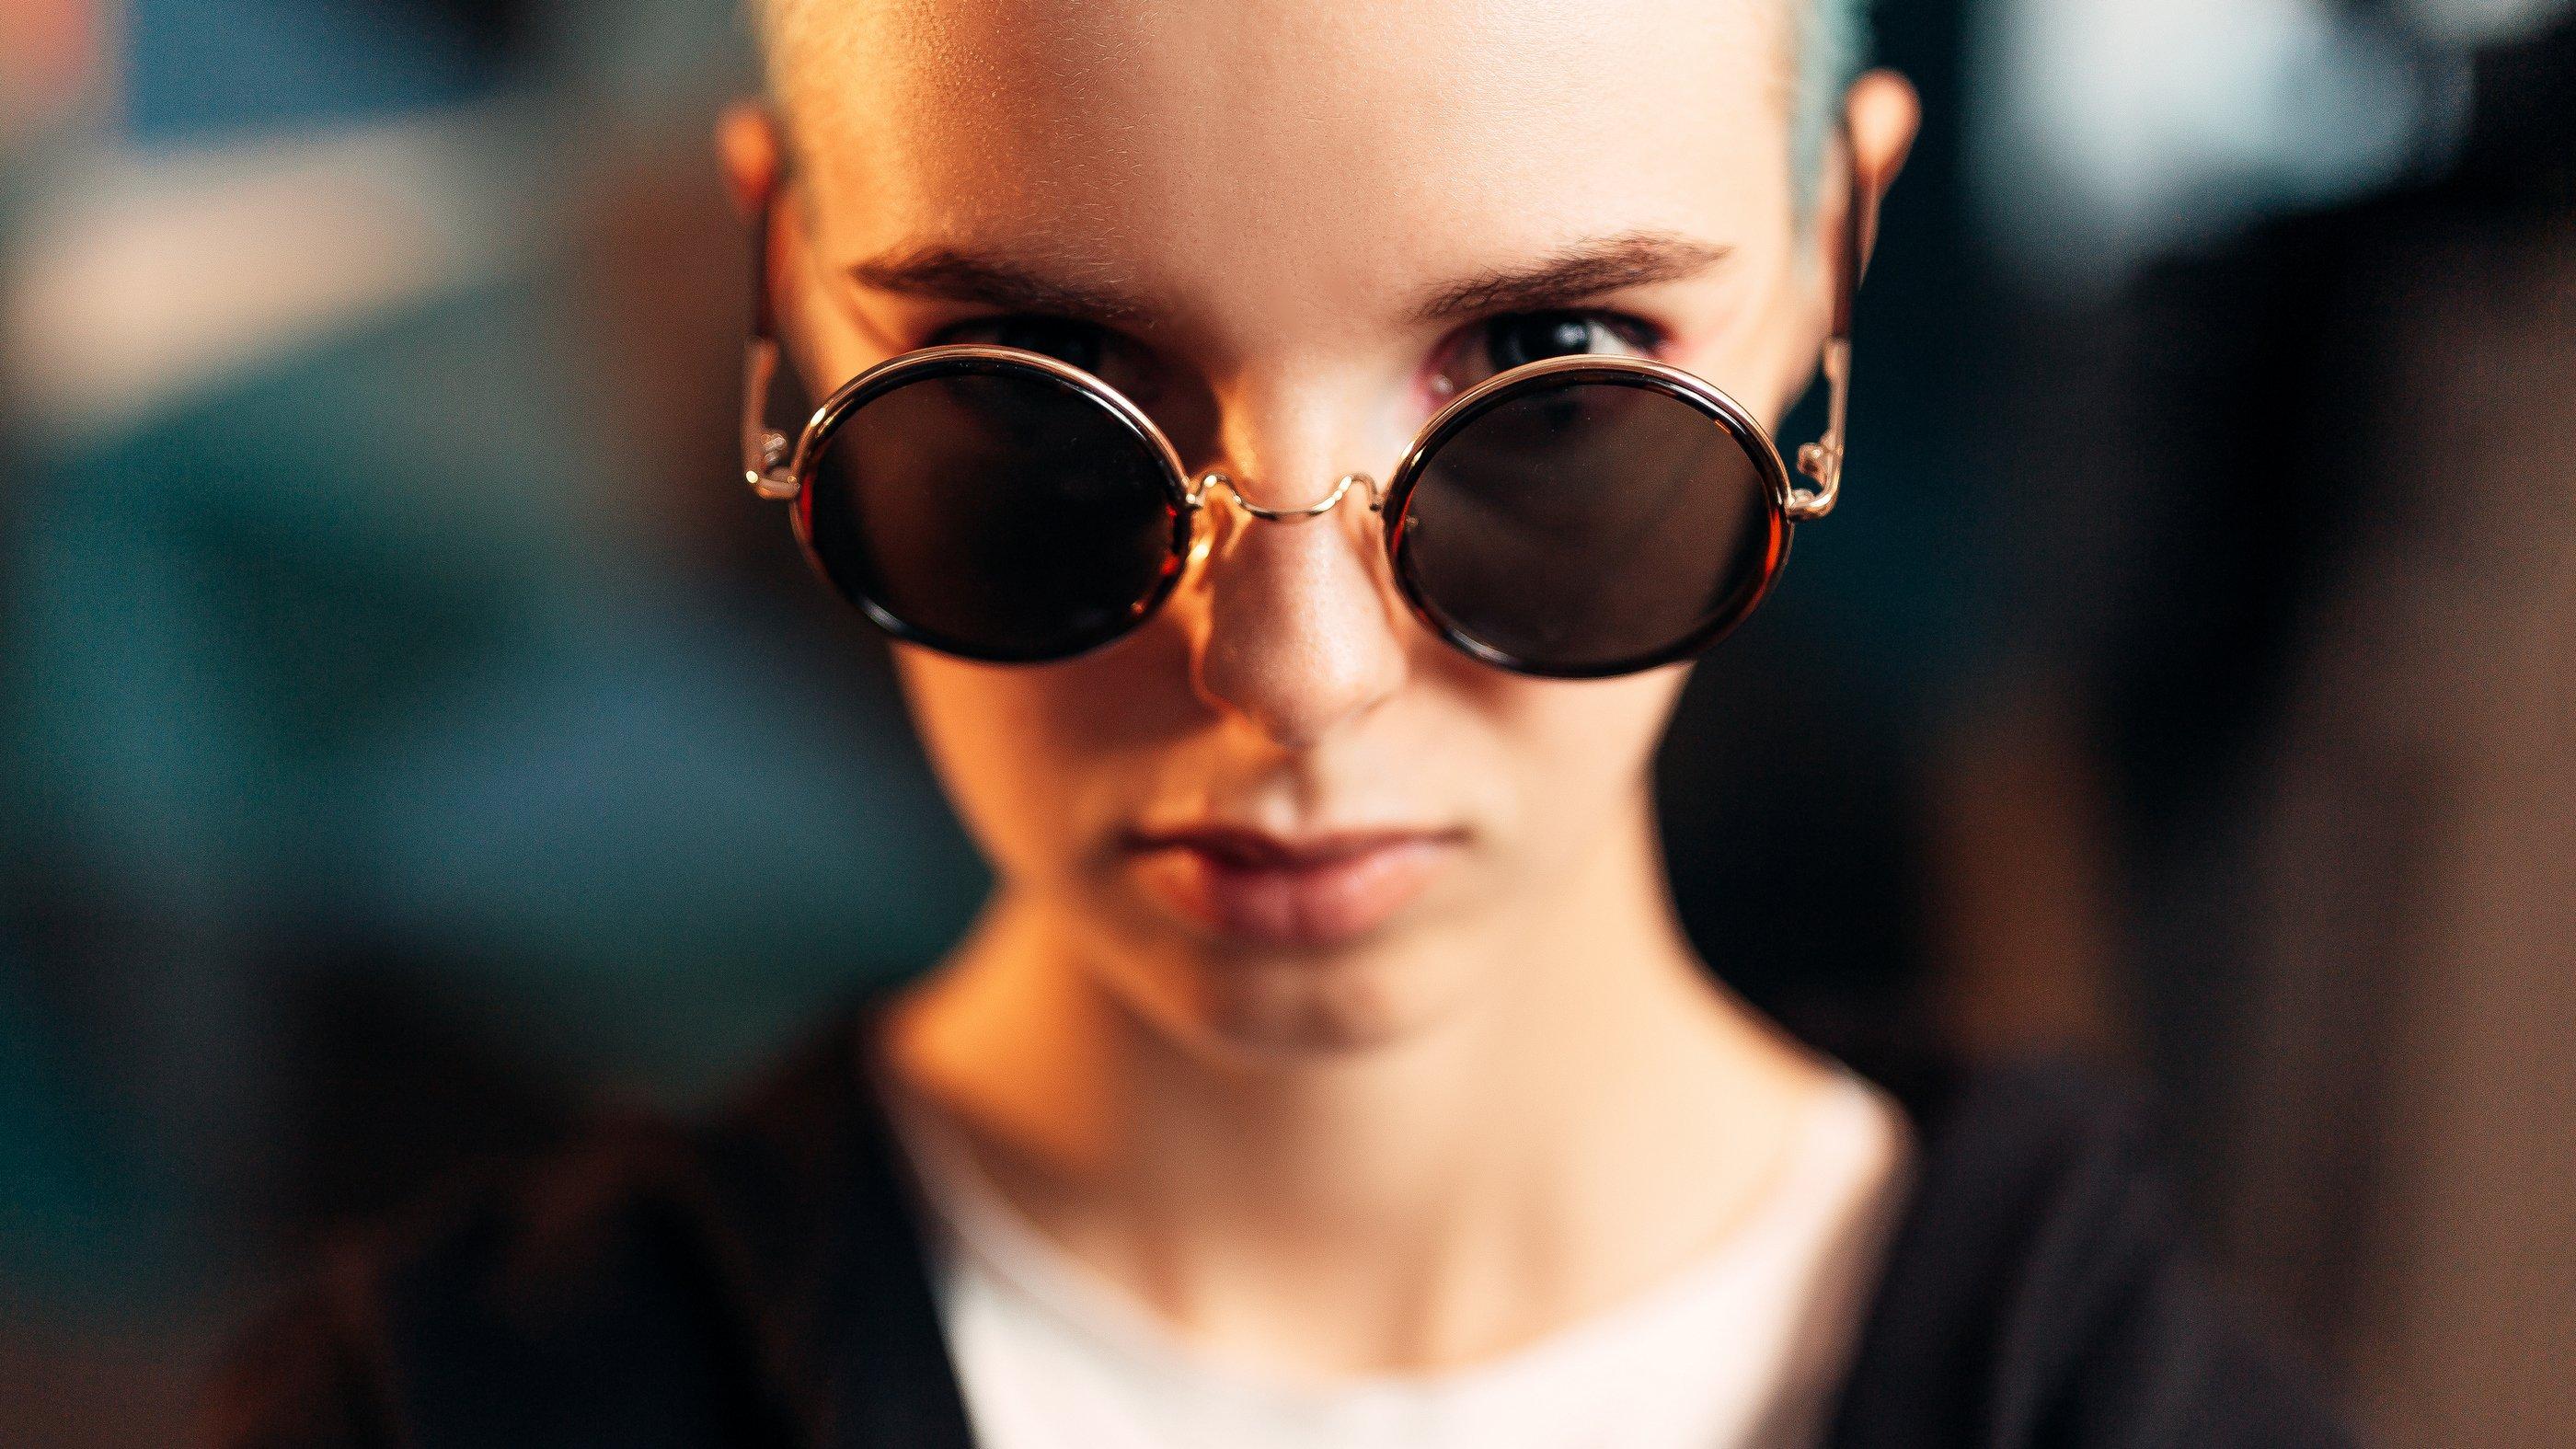 portrait, girl, people, color, eyes, light, девушка, studio, студия, портрет, head, свет, человек, эмоции, цвет, фотосессия,модель,красивая,молодая,прекрасная,взгляд,лицо, Иван Лосев